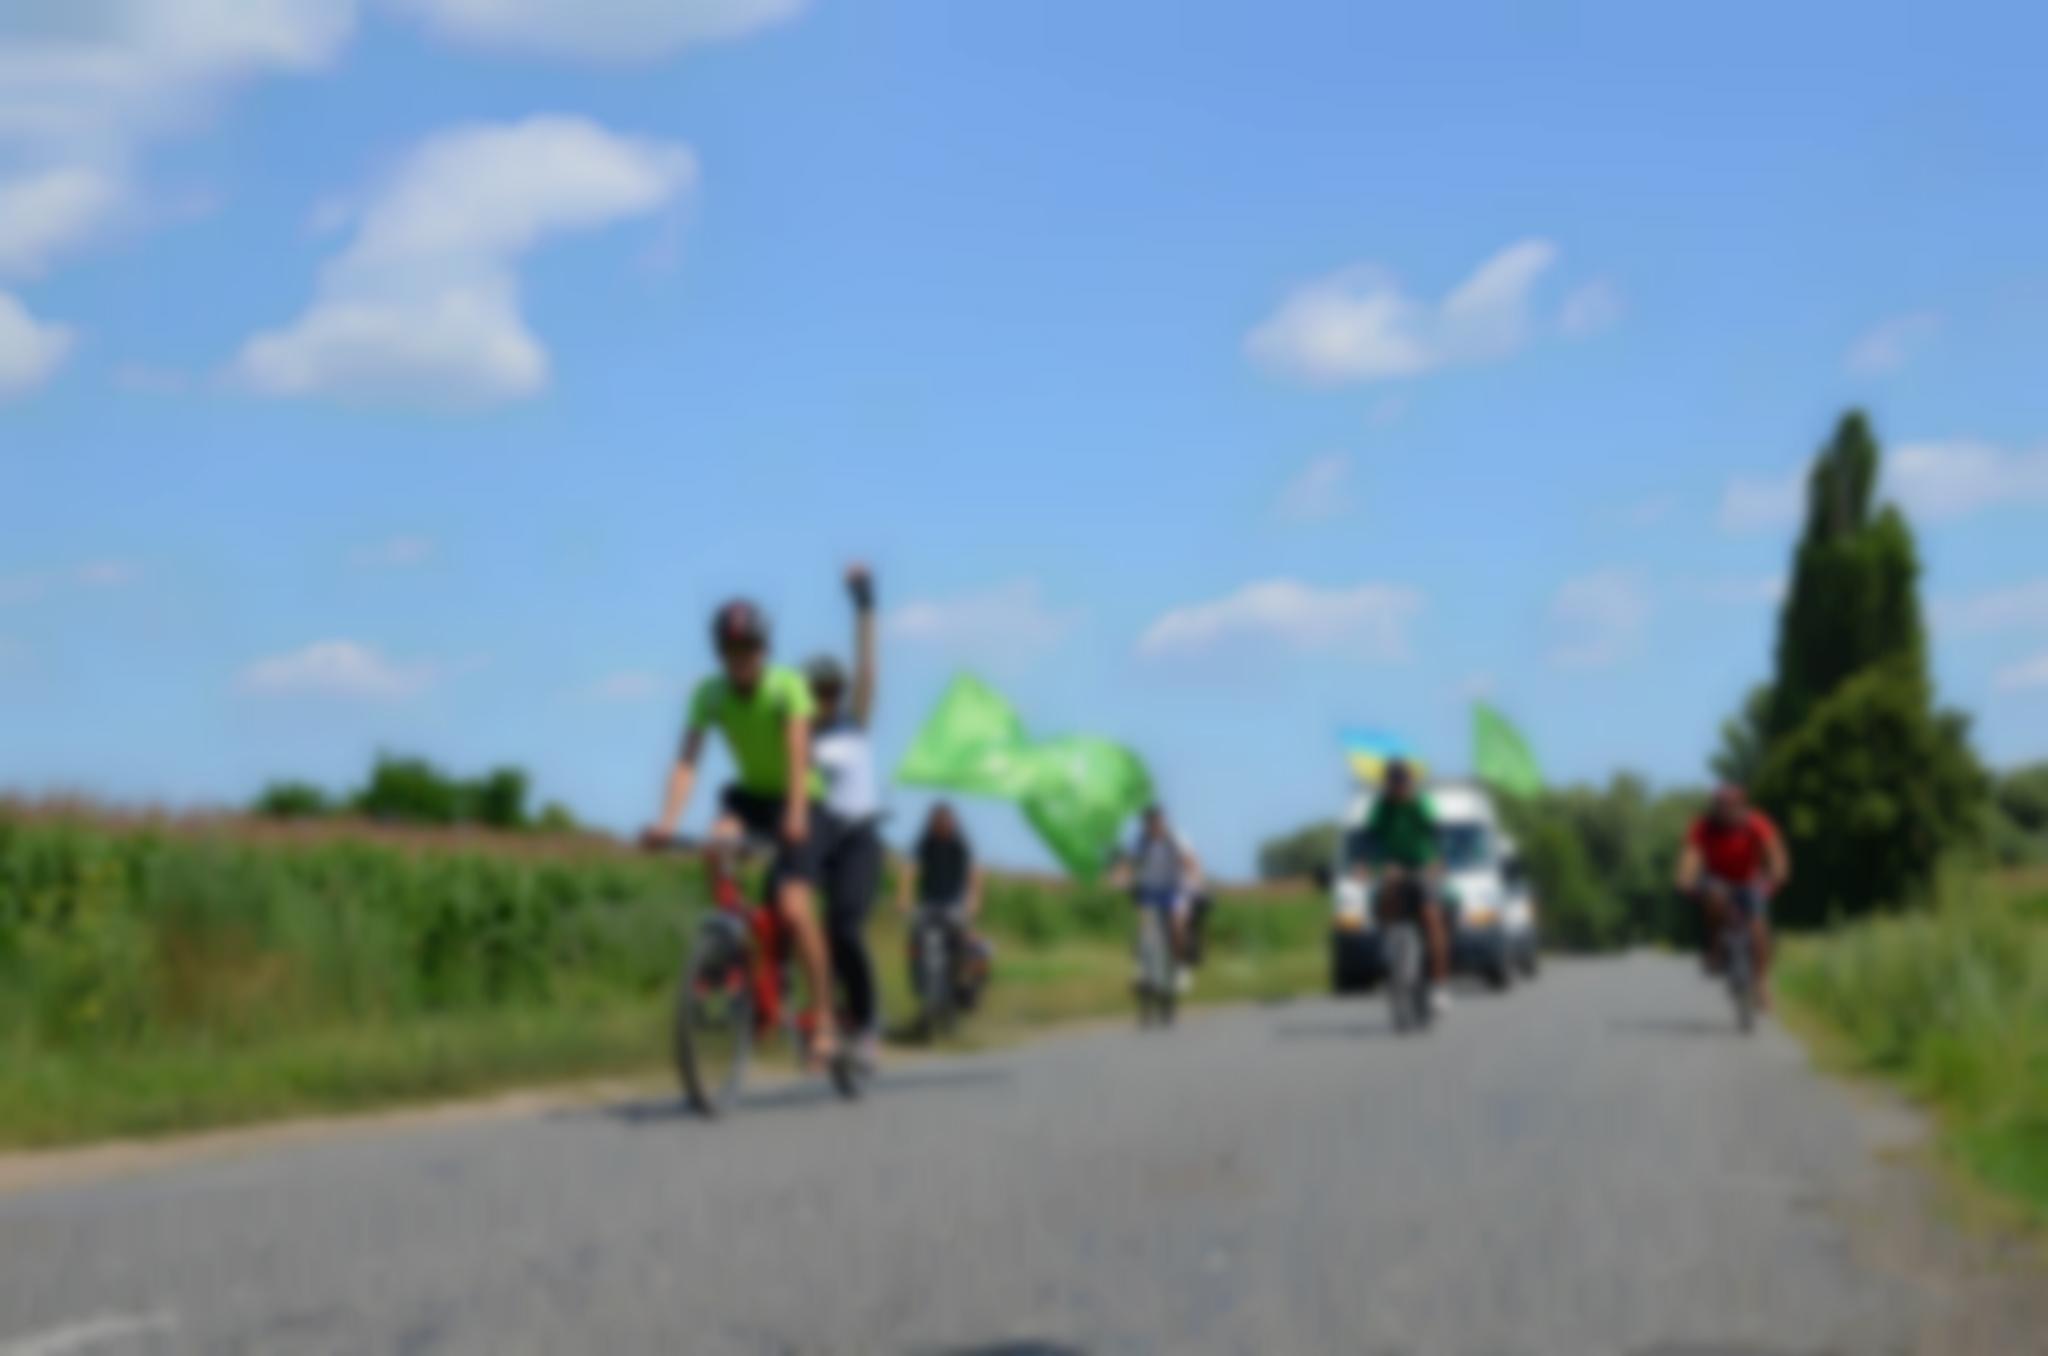 Розмите зображення, на ньому - рух колони велосипедистів з тандемами і прапорами велопробігу